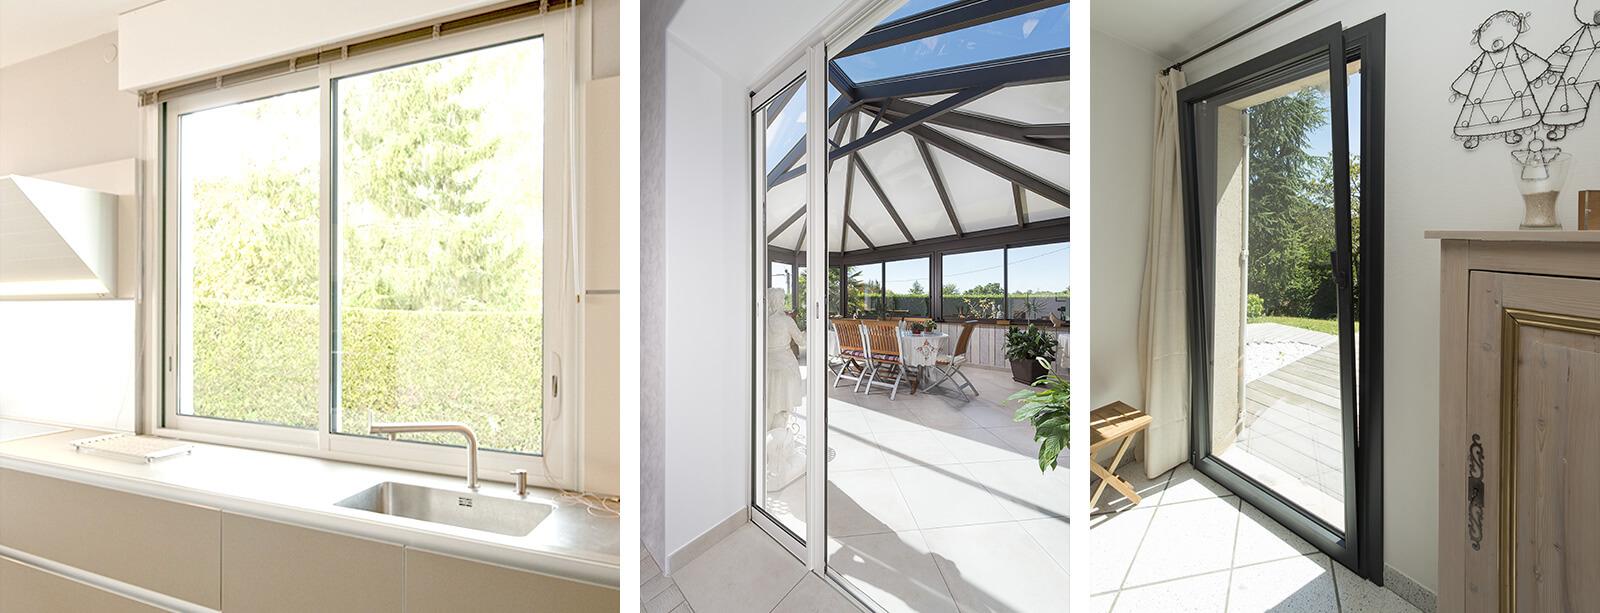 Fenêtre sur mesure : pour la rénovation de votre maison, mais pas seulement